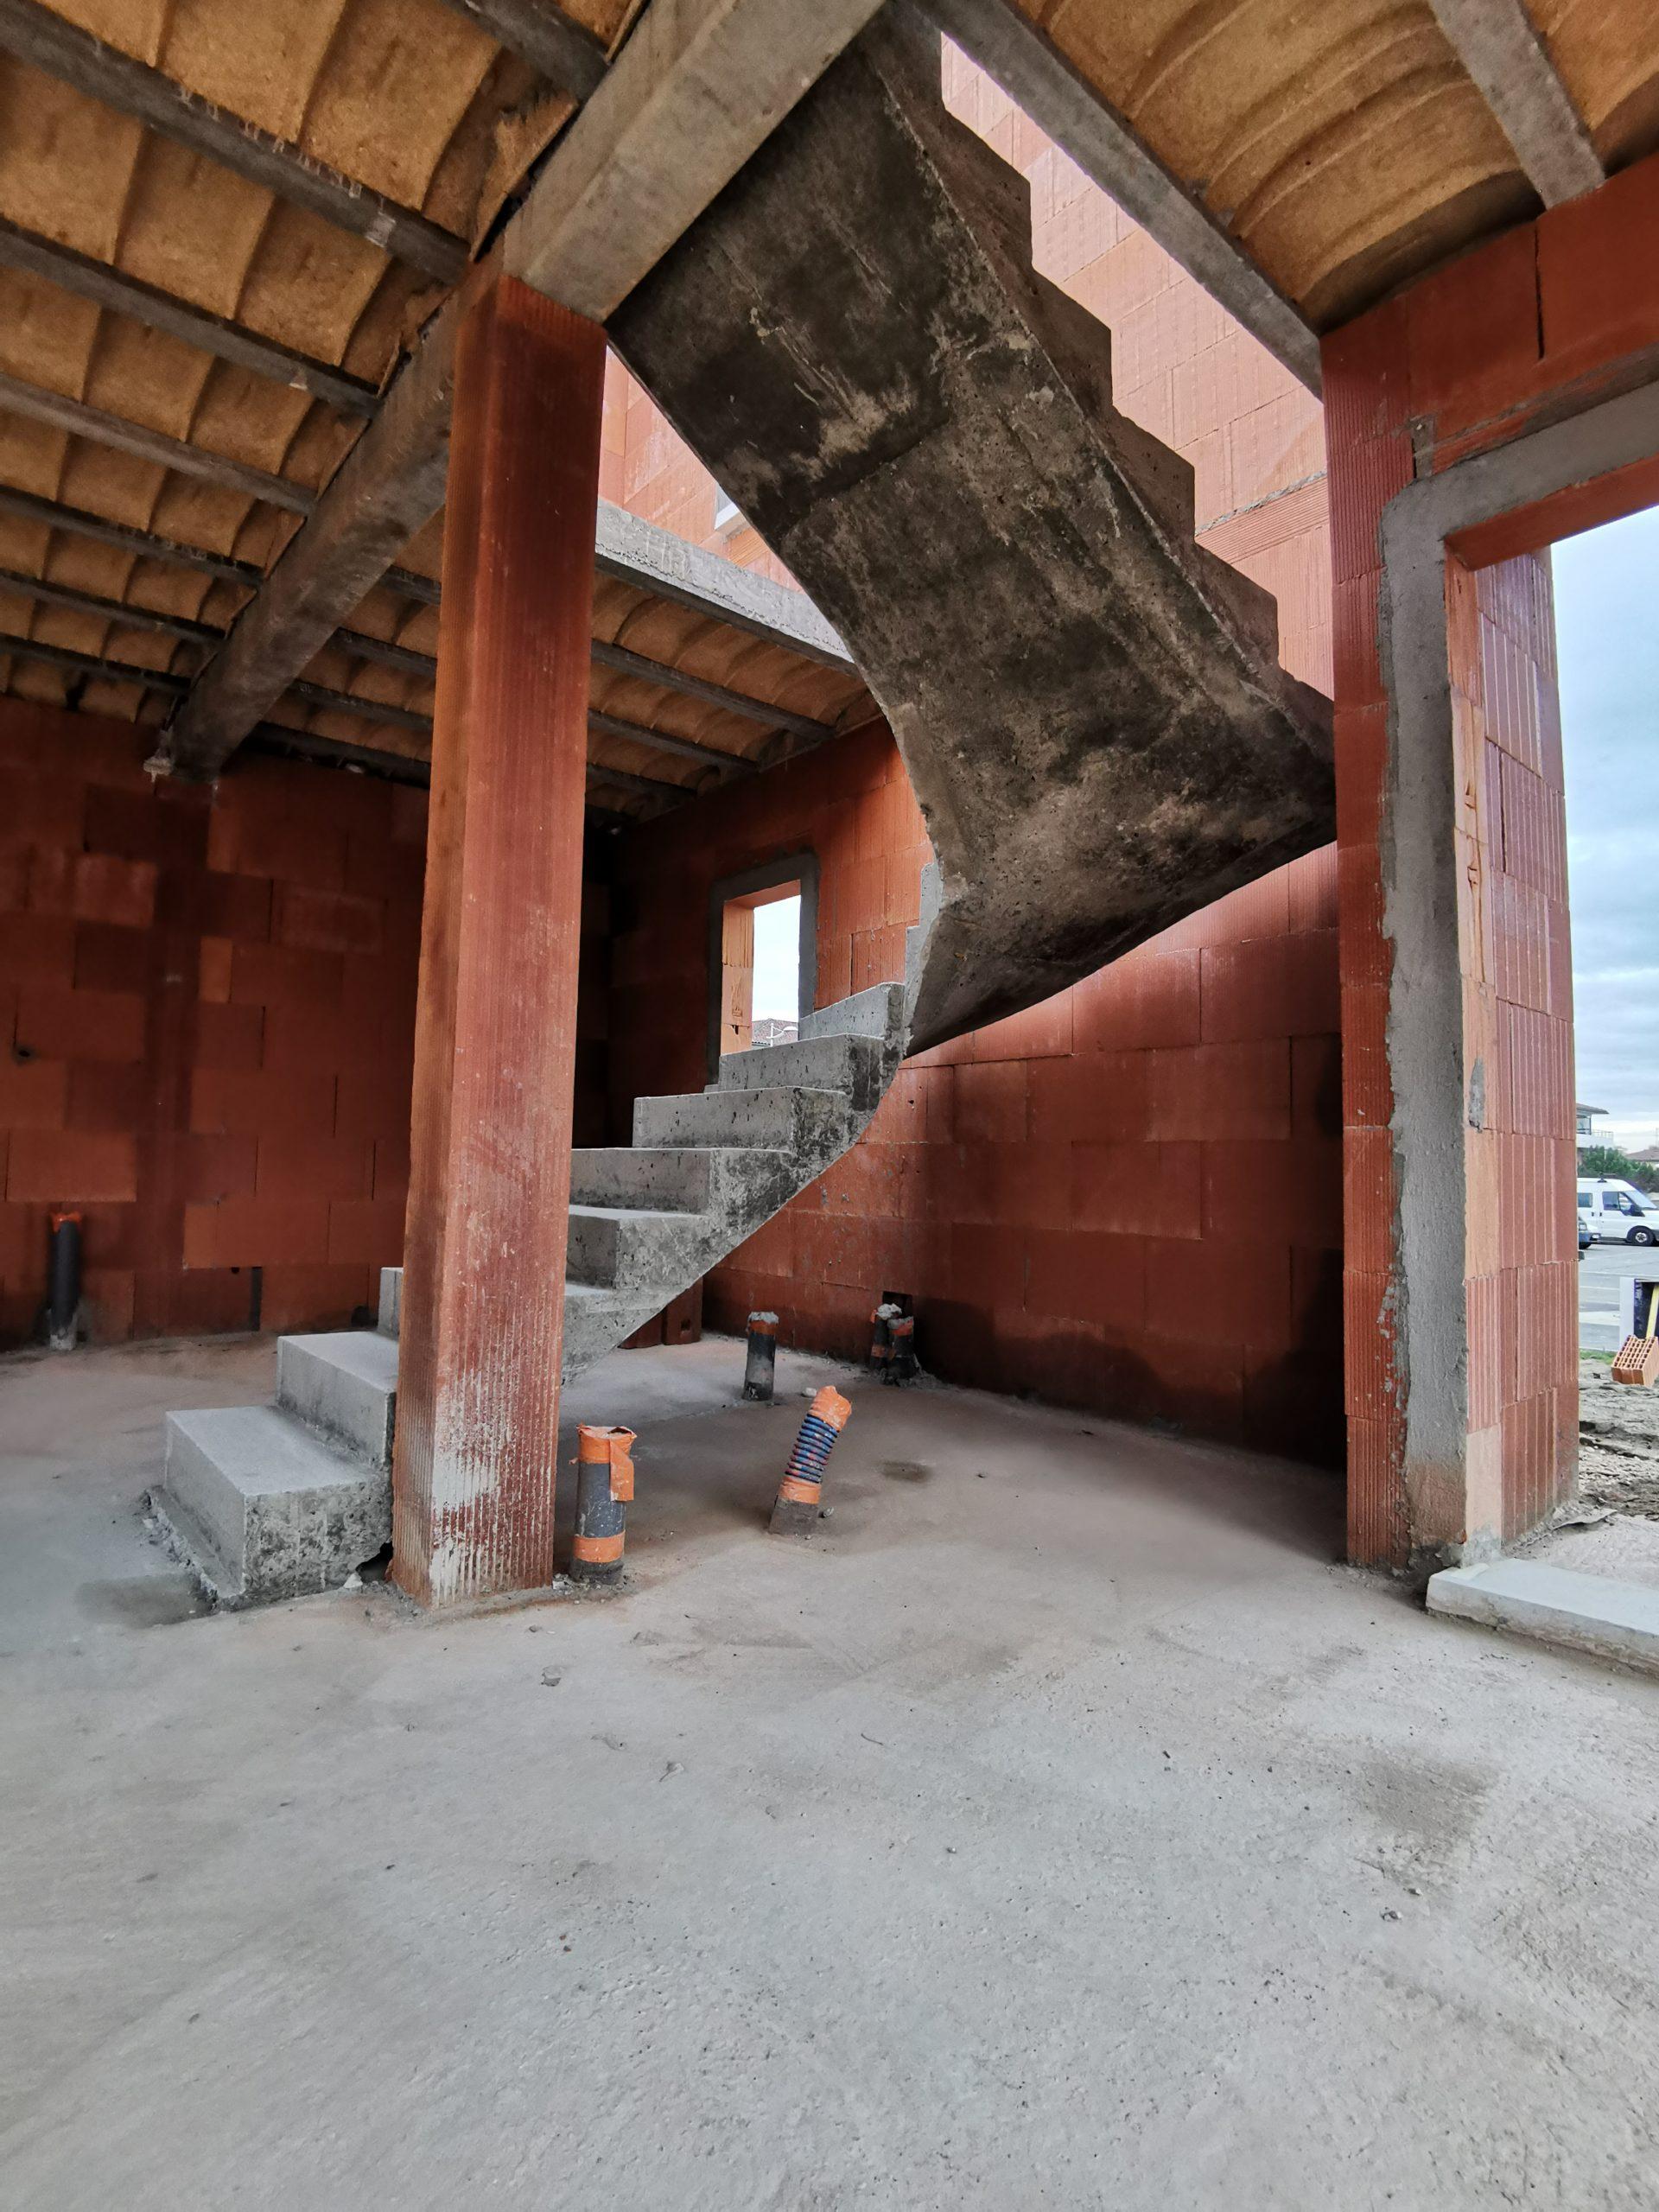 Escalier tournant dans une trémie carré